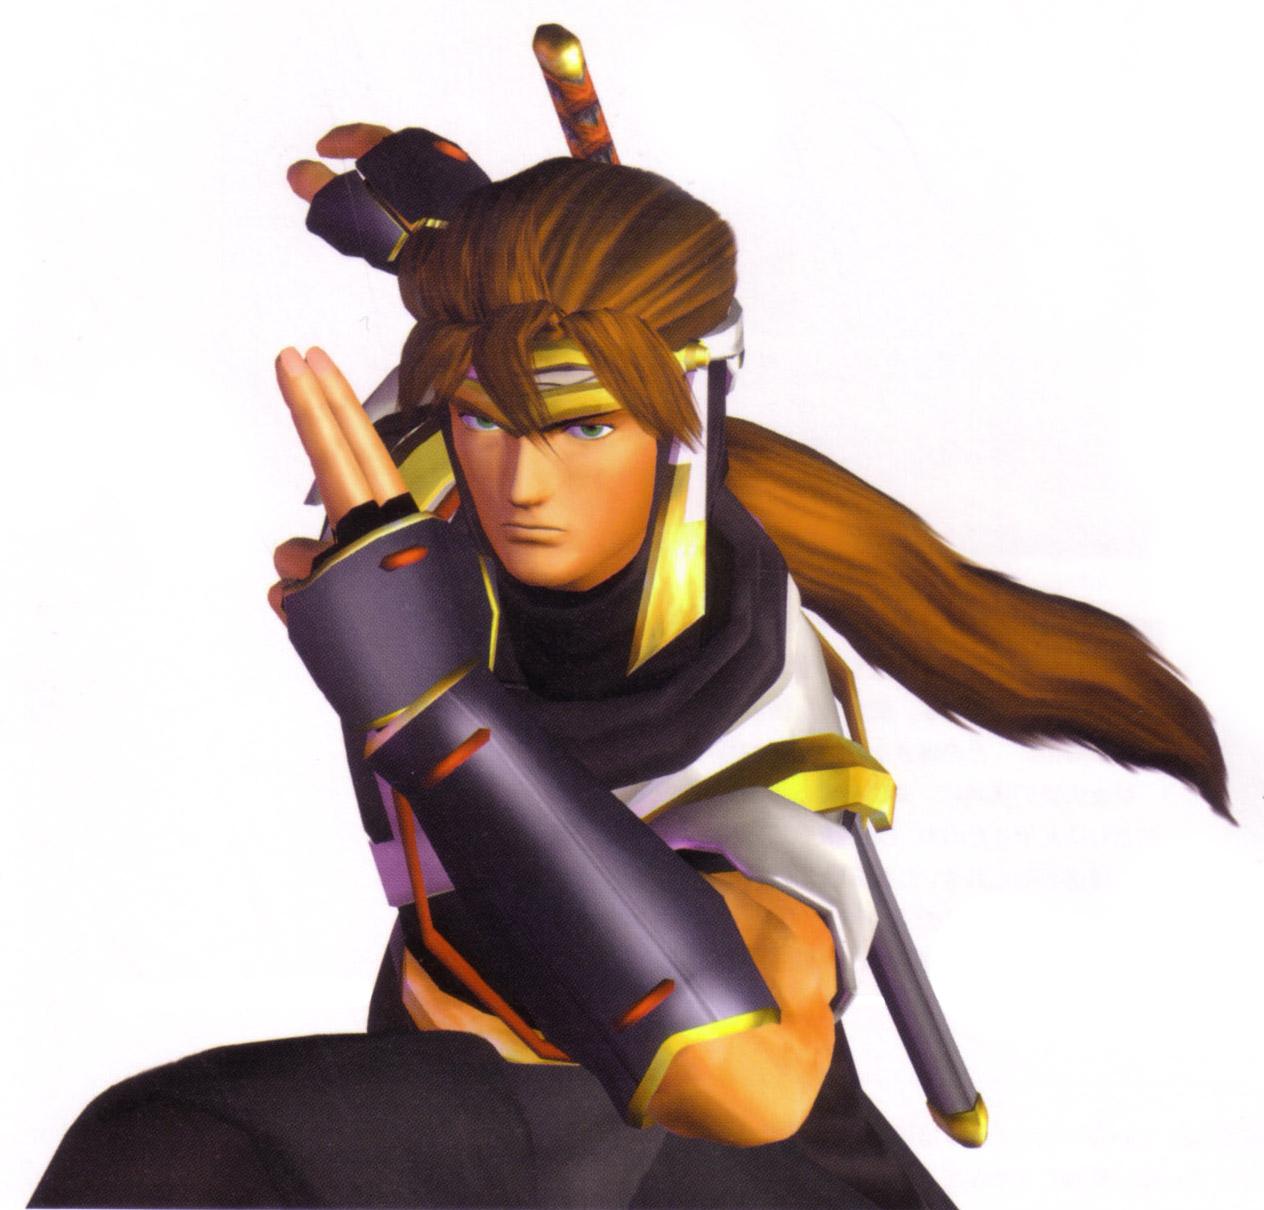 Ryu Hayabusa s Face Ryu Hayabusa Face